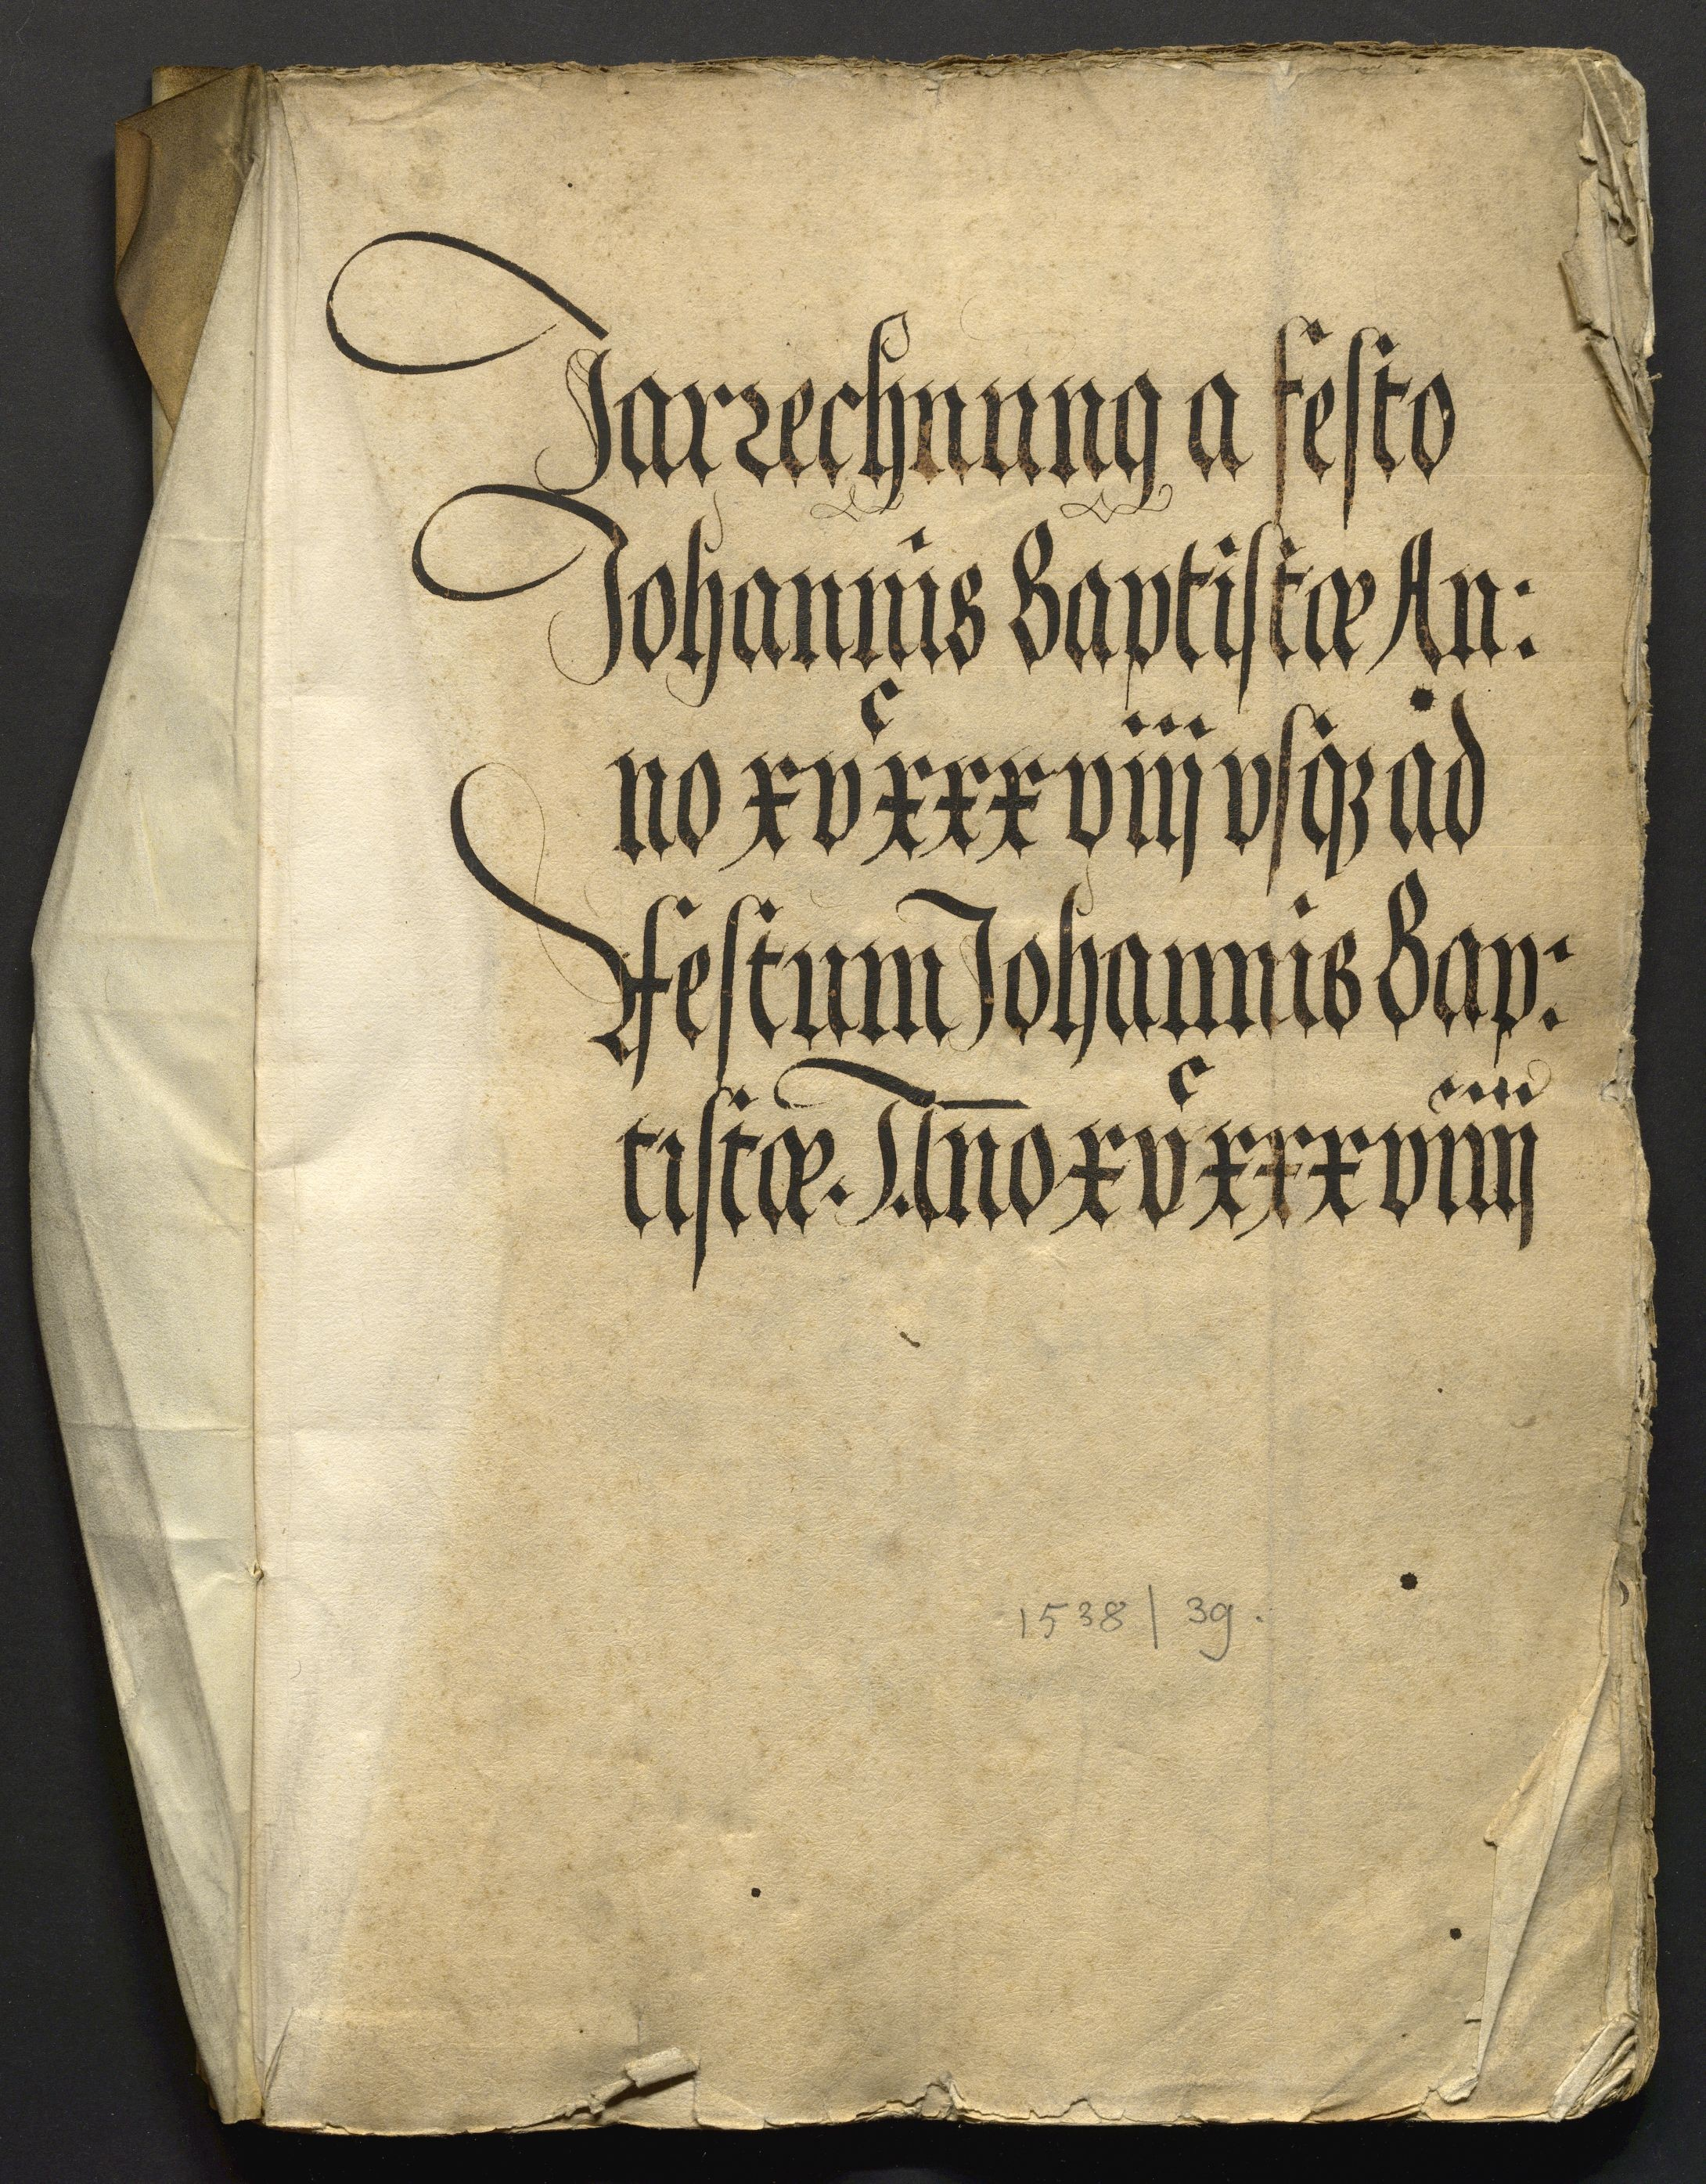 Jahrrechnung Stadt Basel 1538/1539